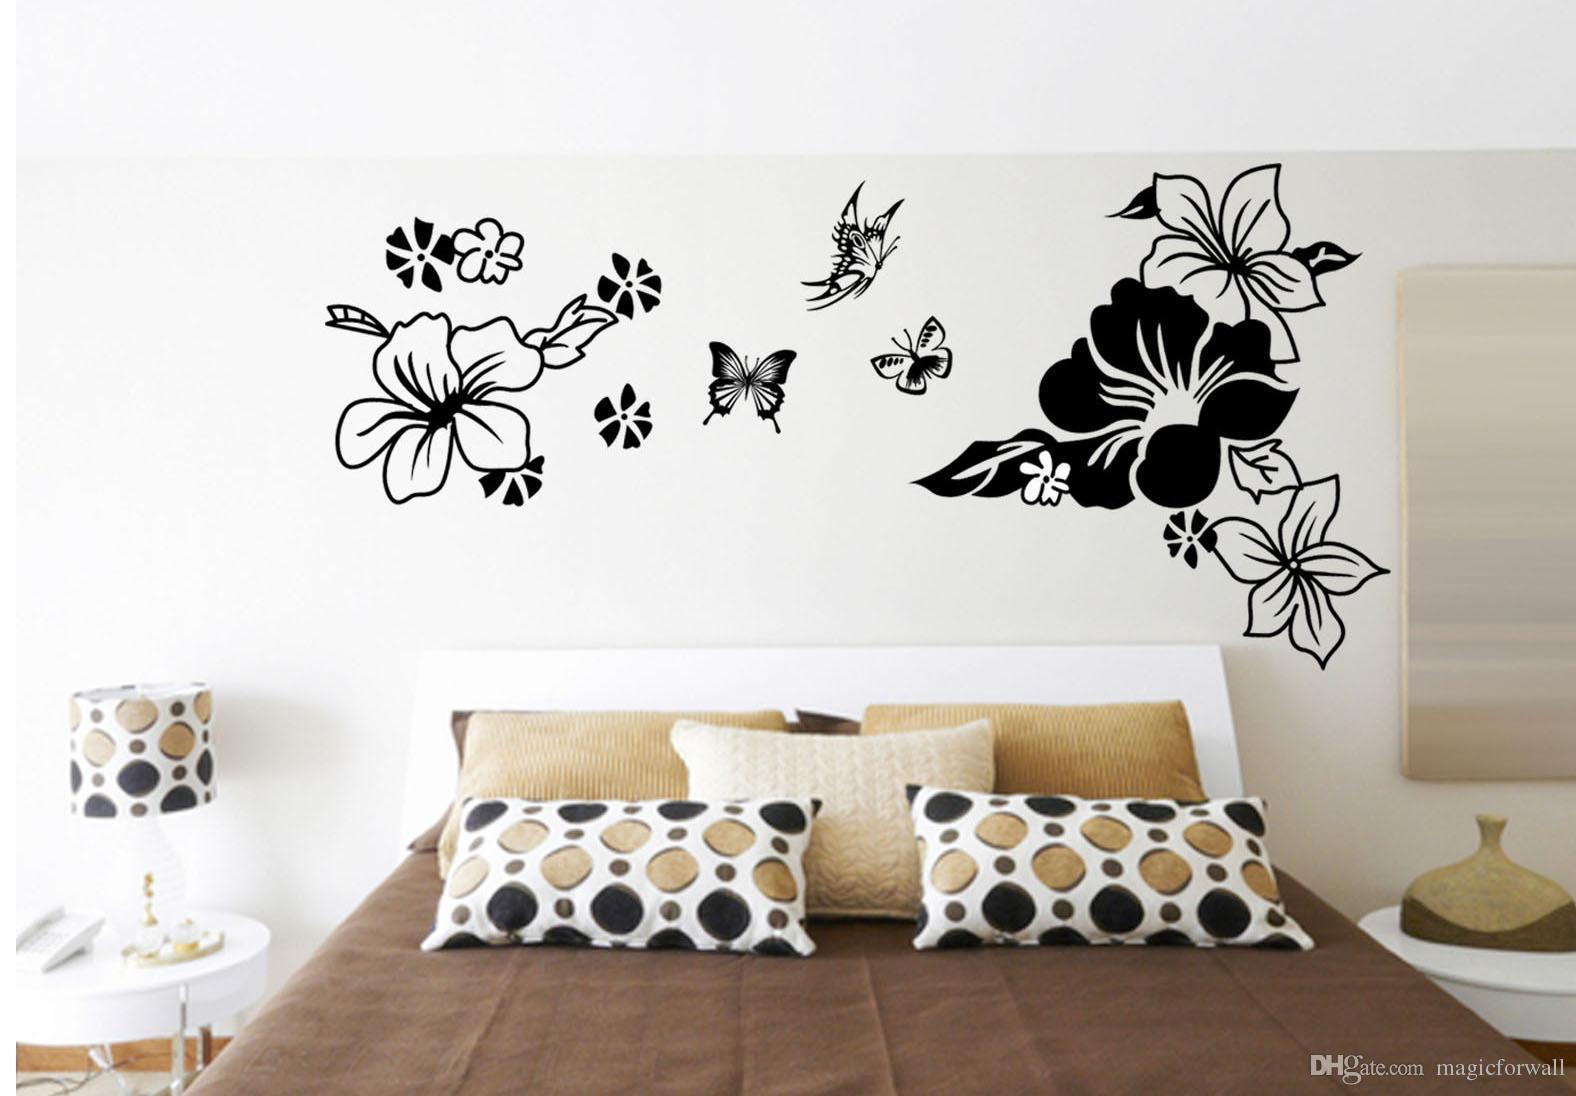 Acheter Fleurs Noires Papillon Art Decor Tête De Lit Autocollant  Autocollant Chambre Décoration Papier Peint Affiche Salle De Mariage Art  Décalque De